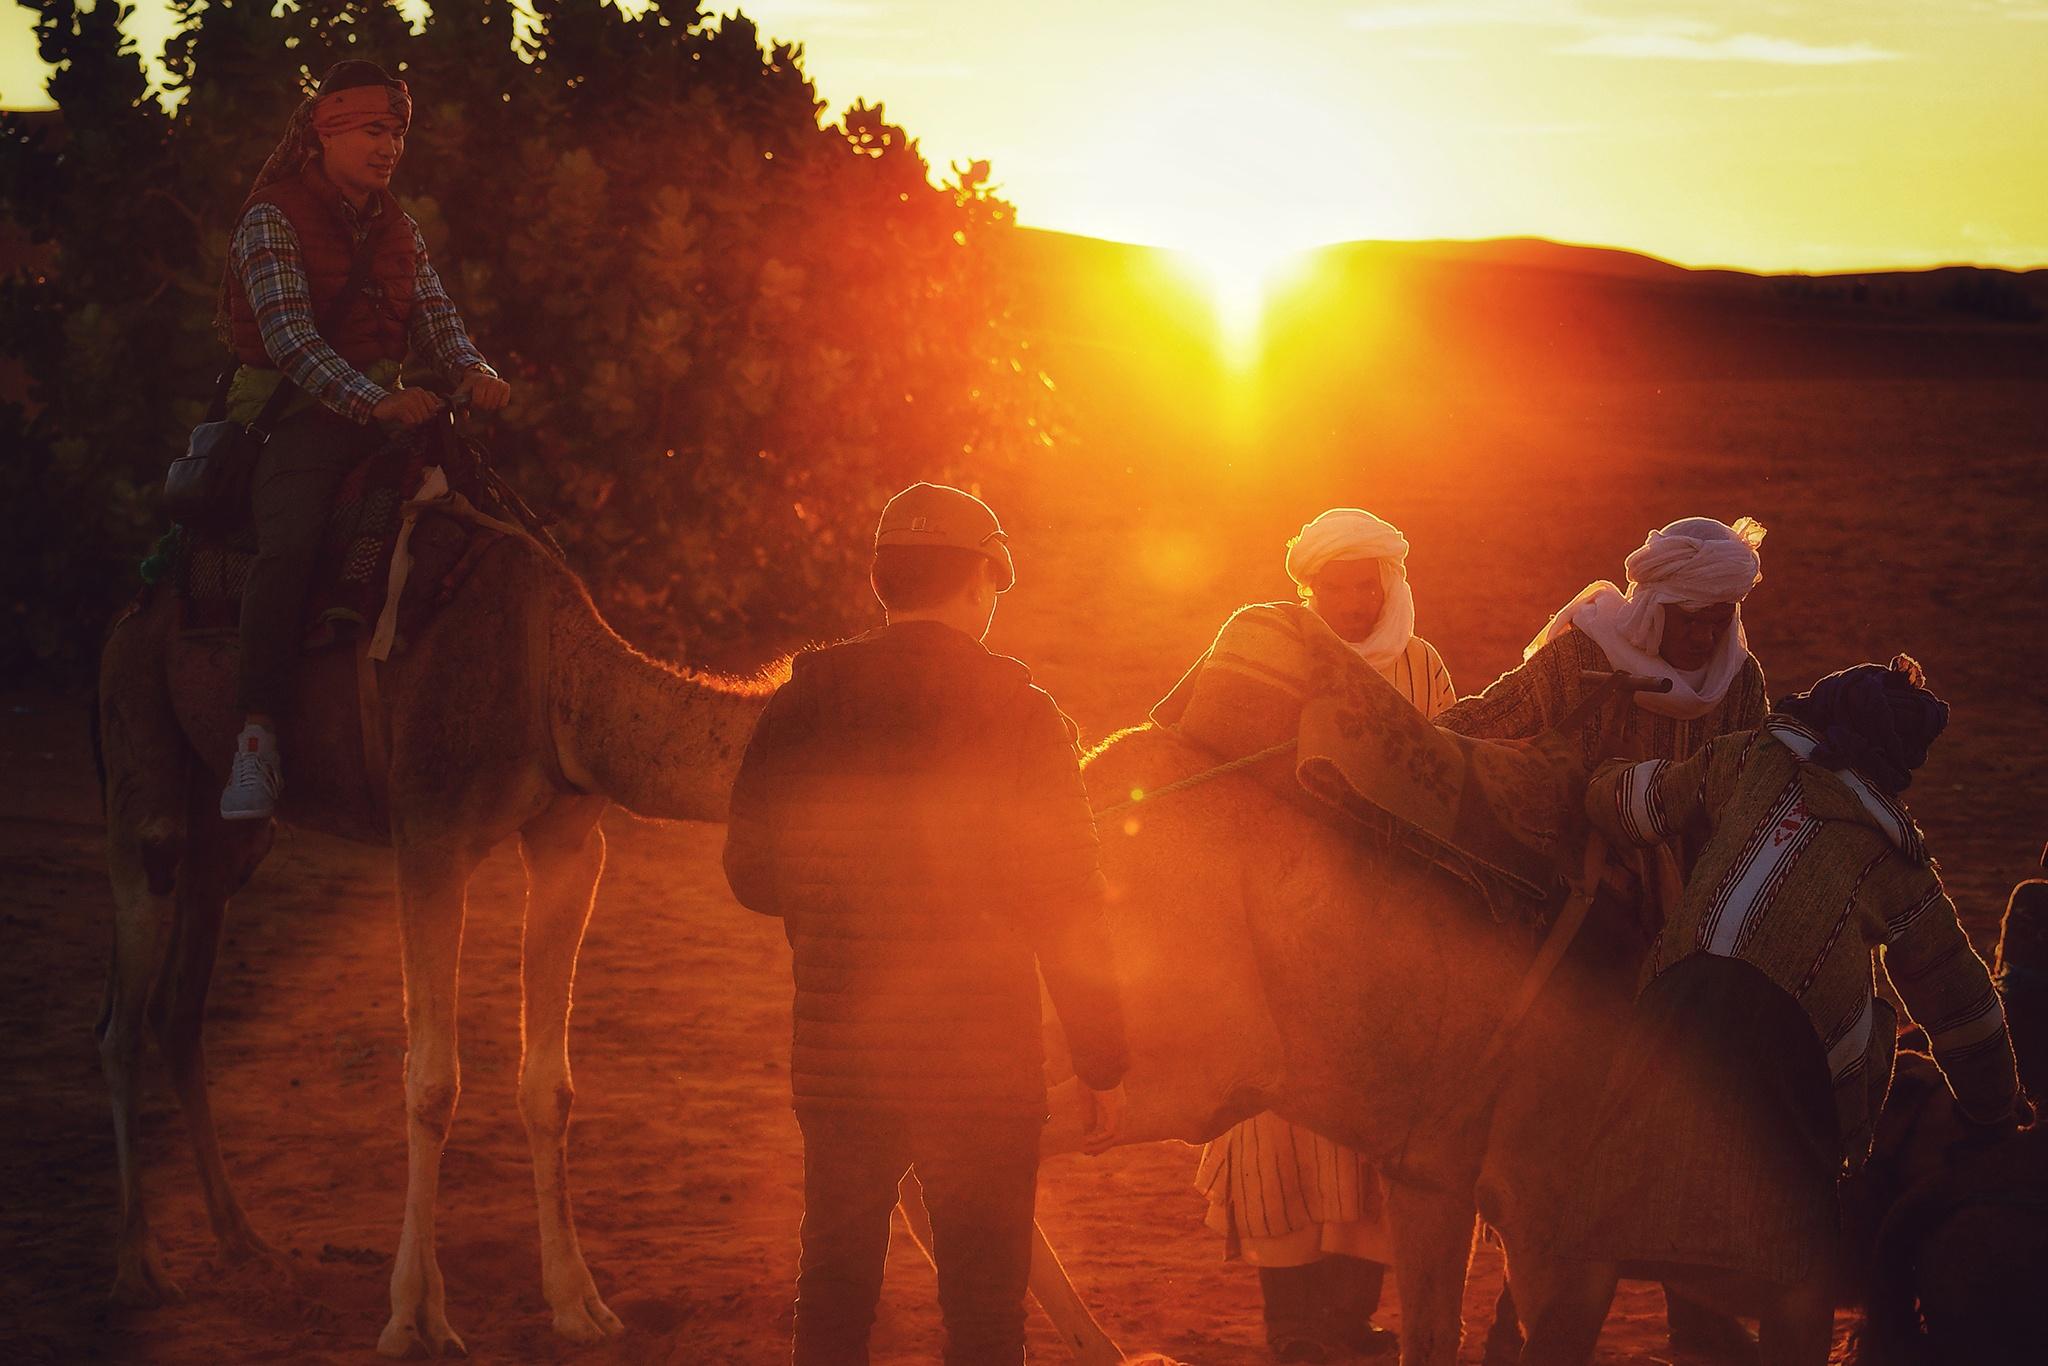 Mua dong o xu so lanh gia Morocco hinh anh 40